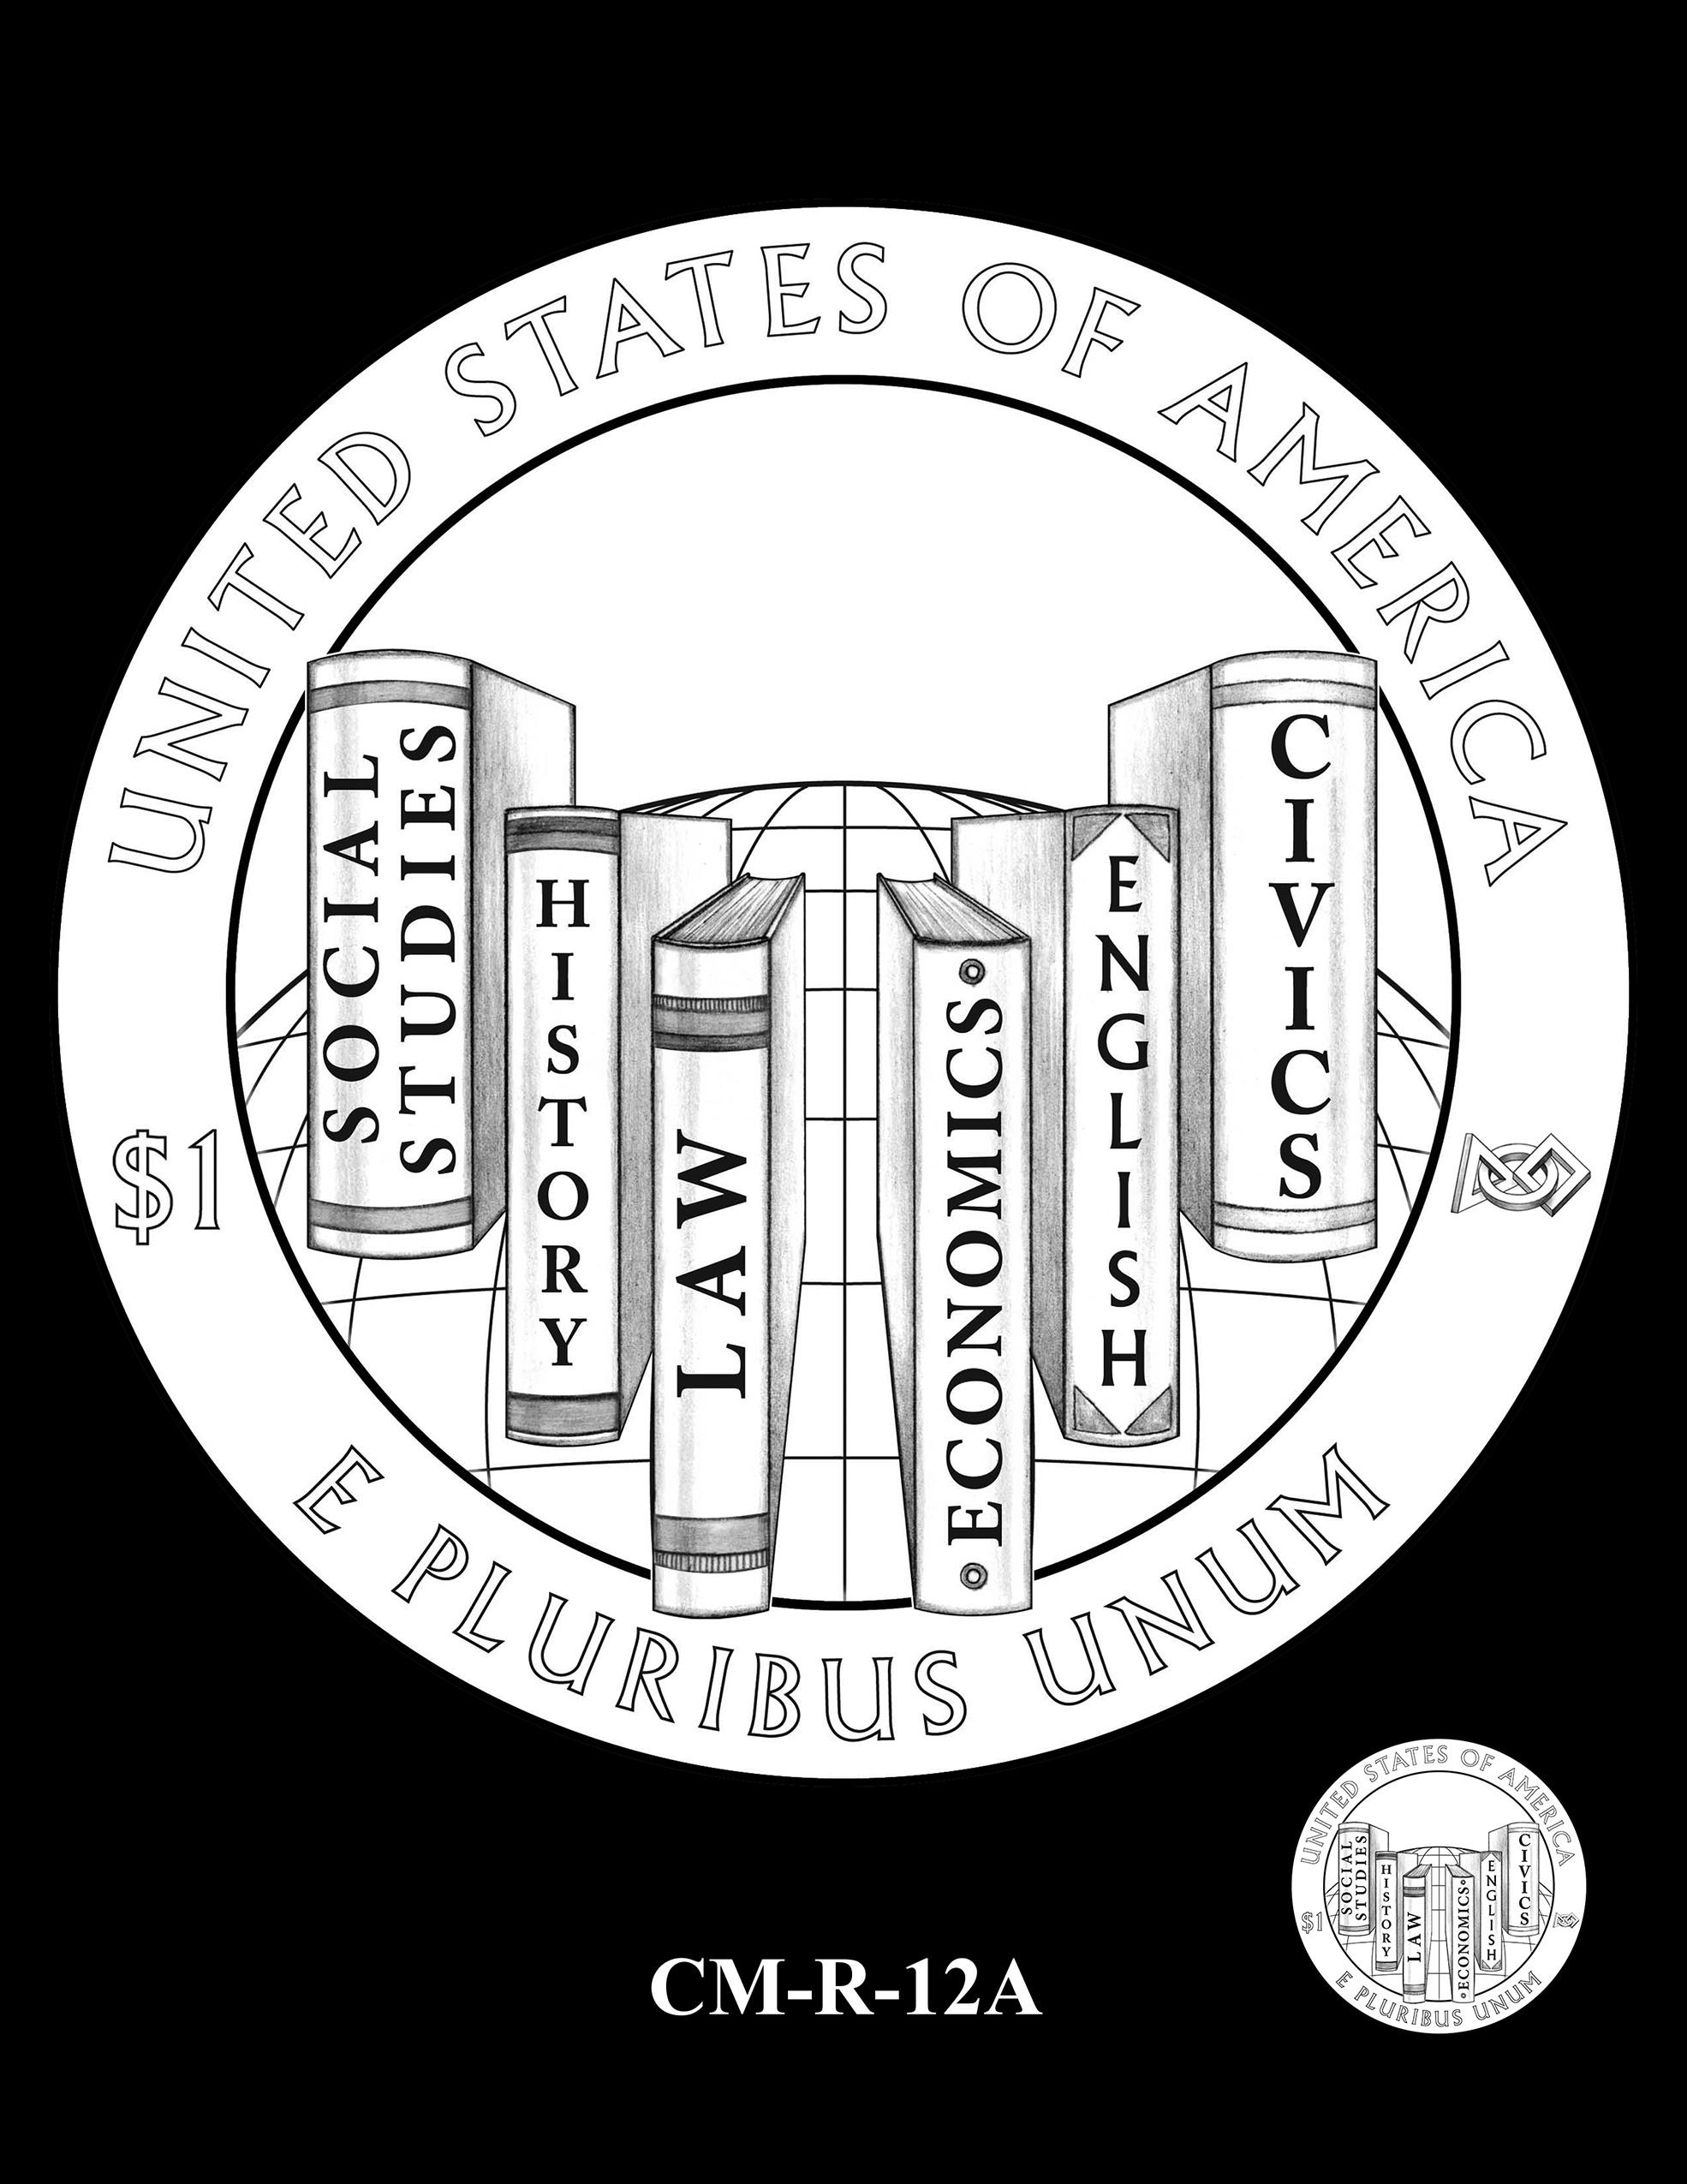 CM-R-12A -- 2021 Christa McAuliffe Commemorative Coin